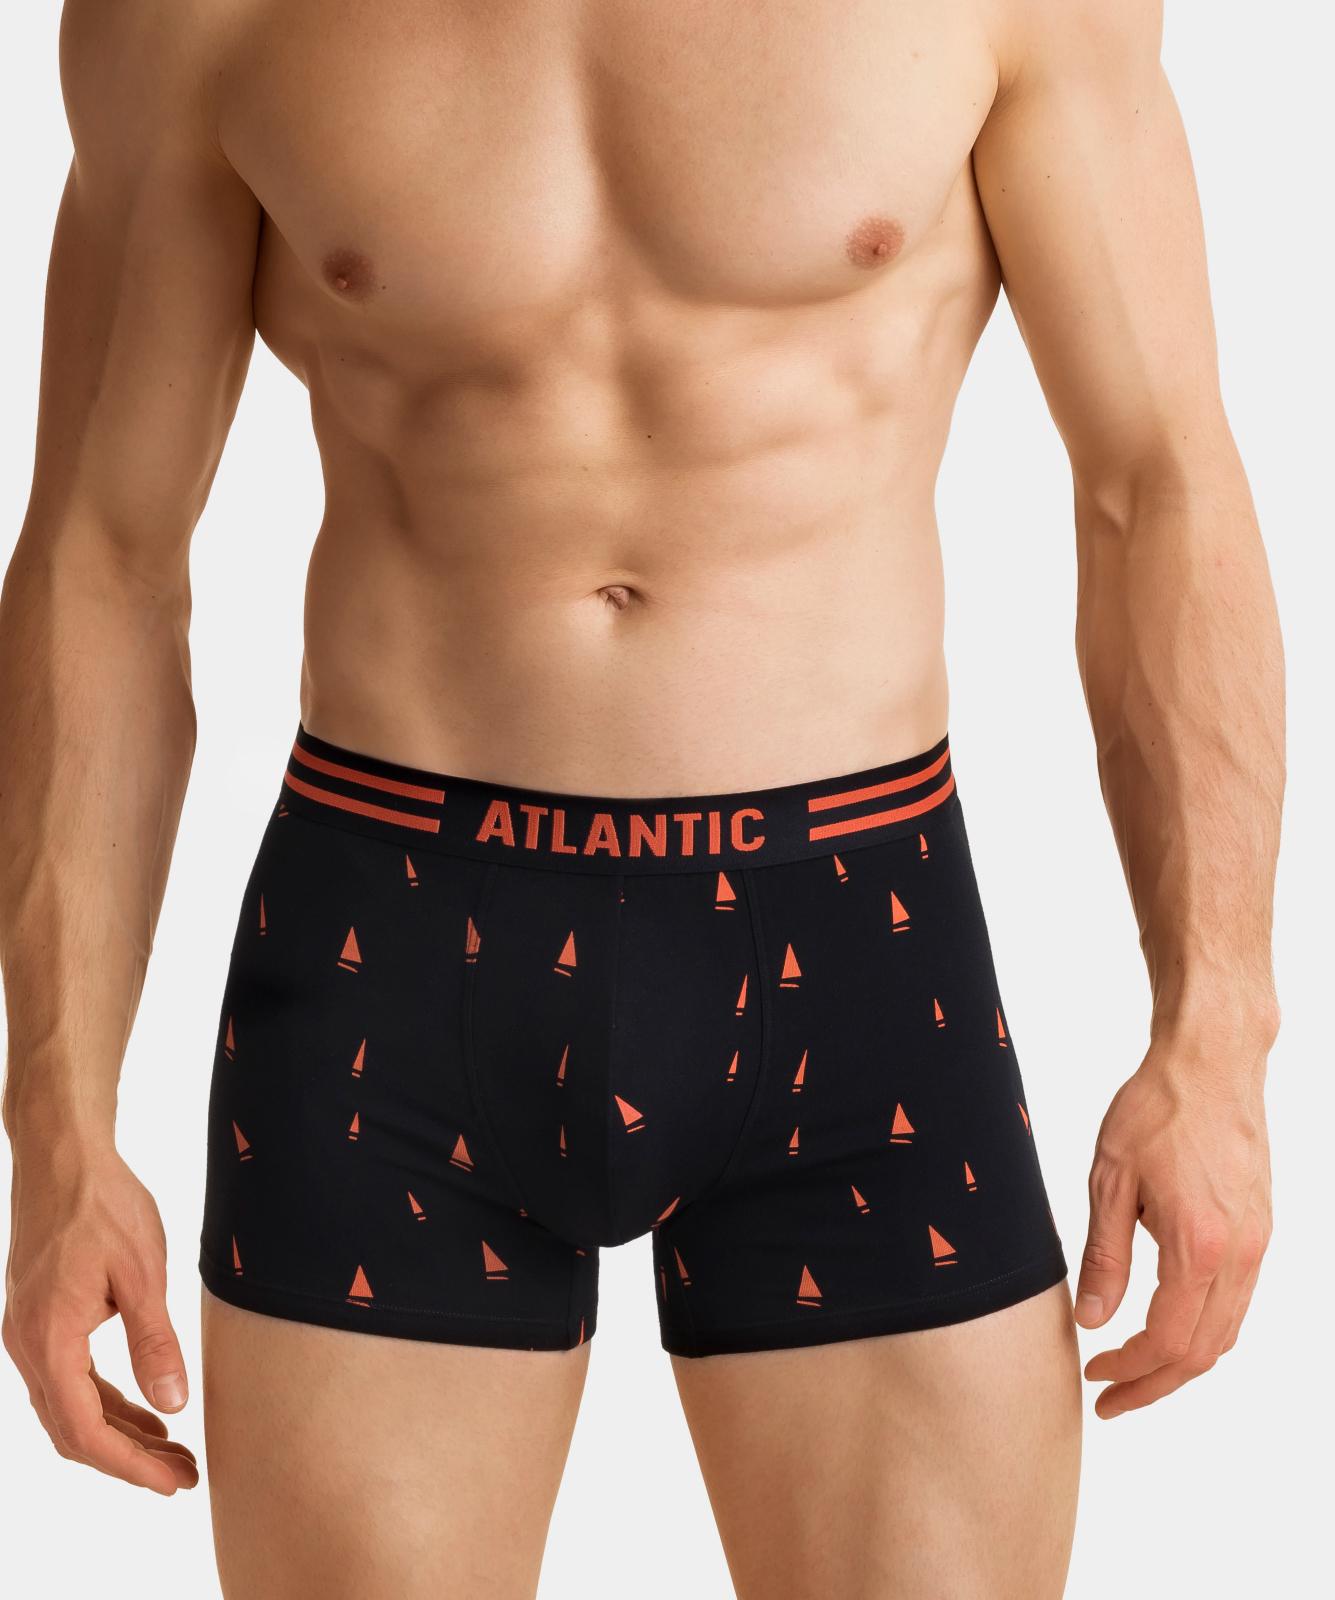 Мужские трусы шорты Atlantic, набор из 3 шт., хлопок, черные, 3MH-021